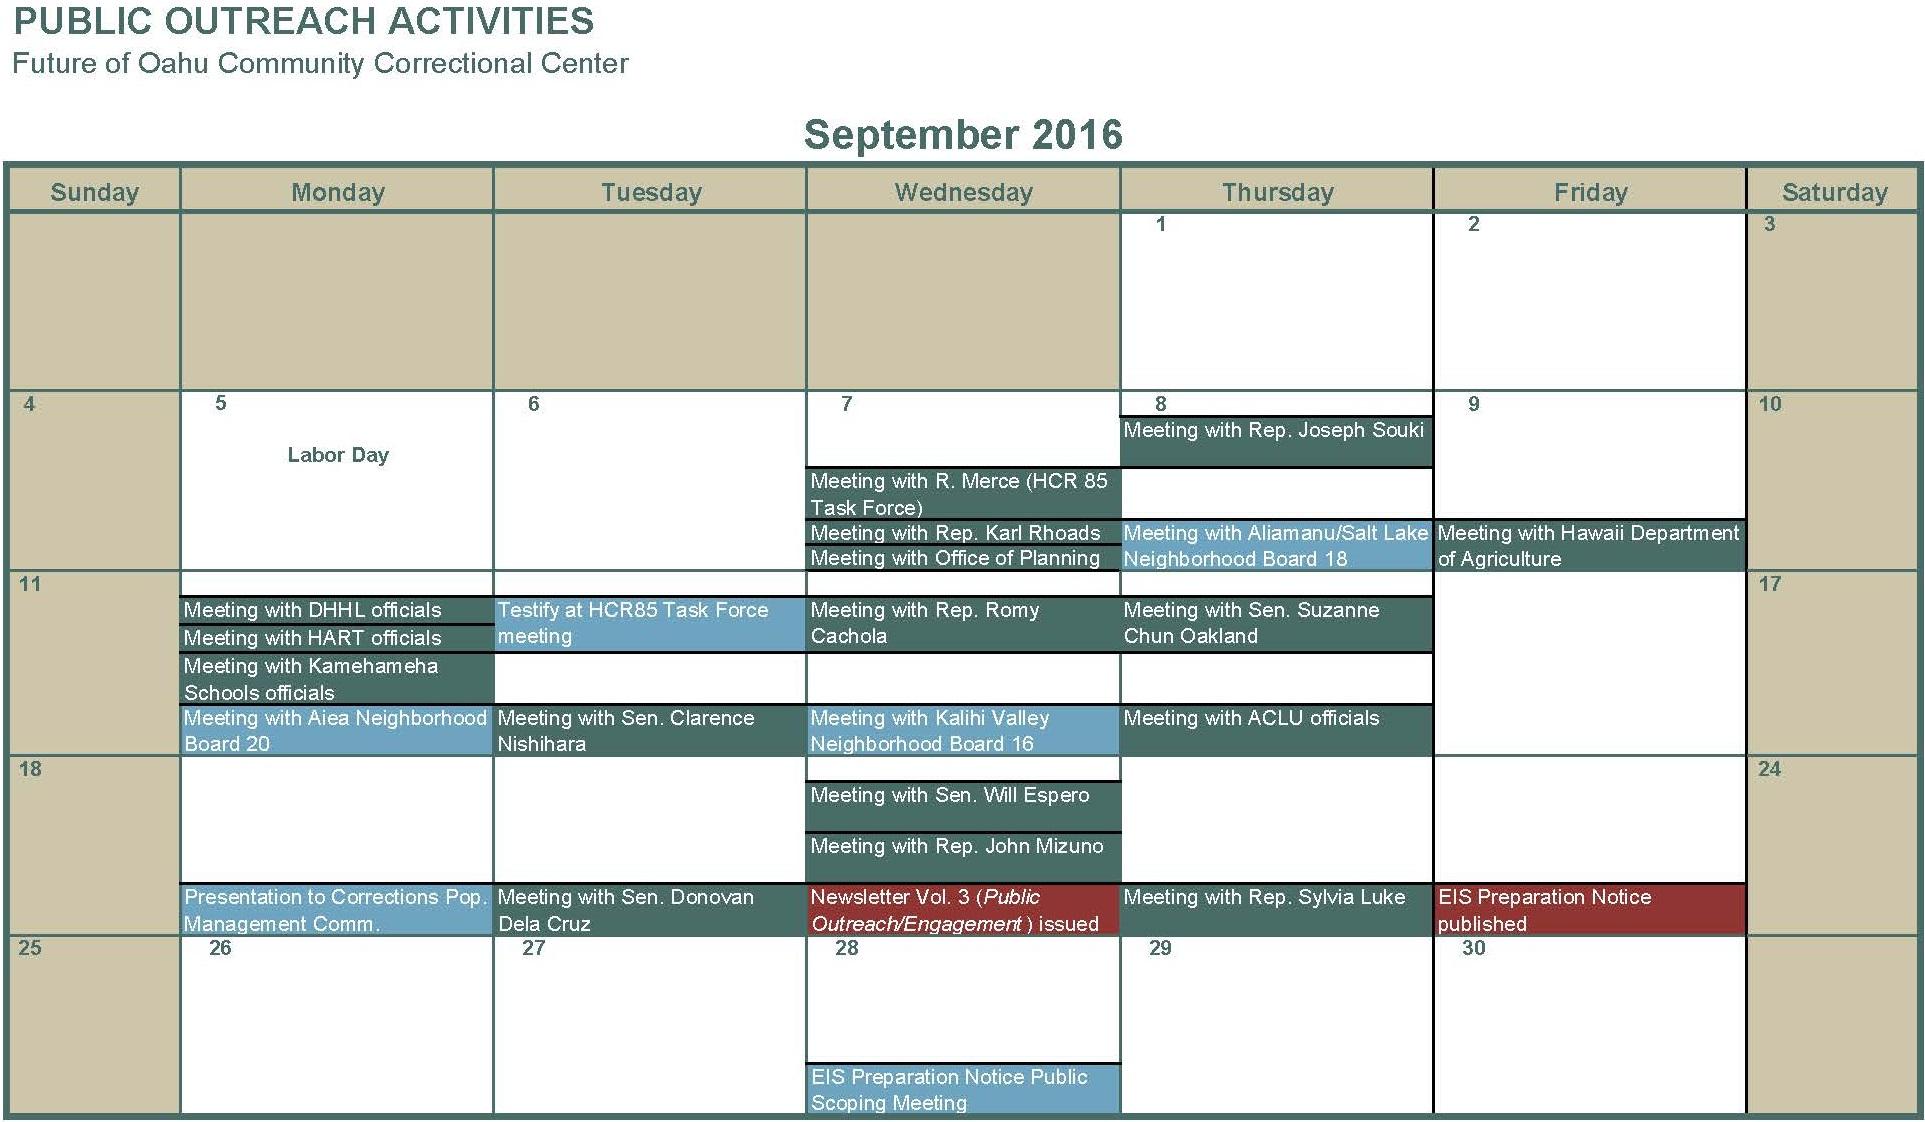 September 2016 Meetings attended